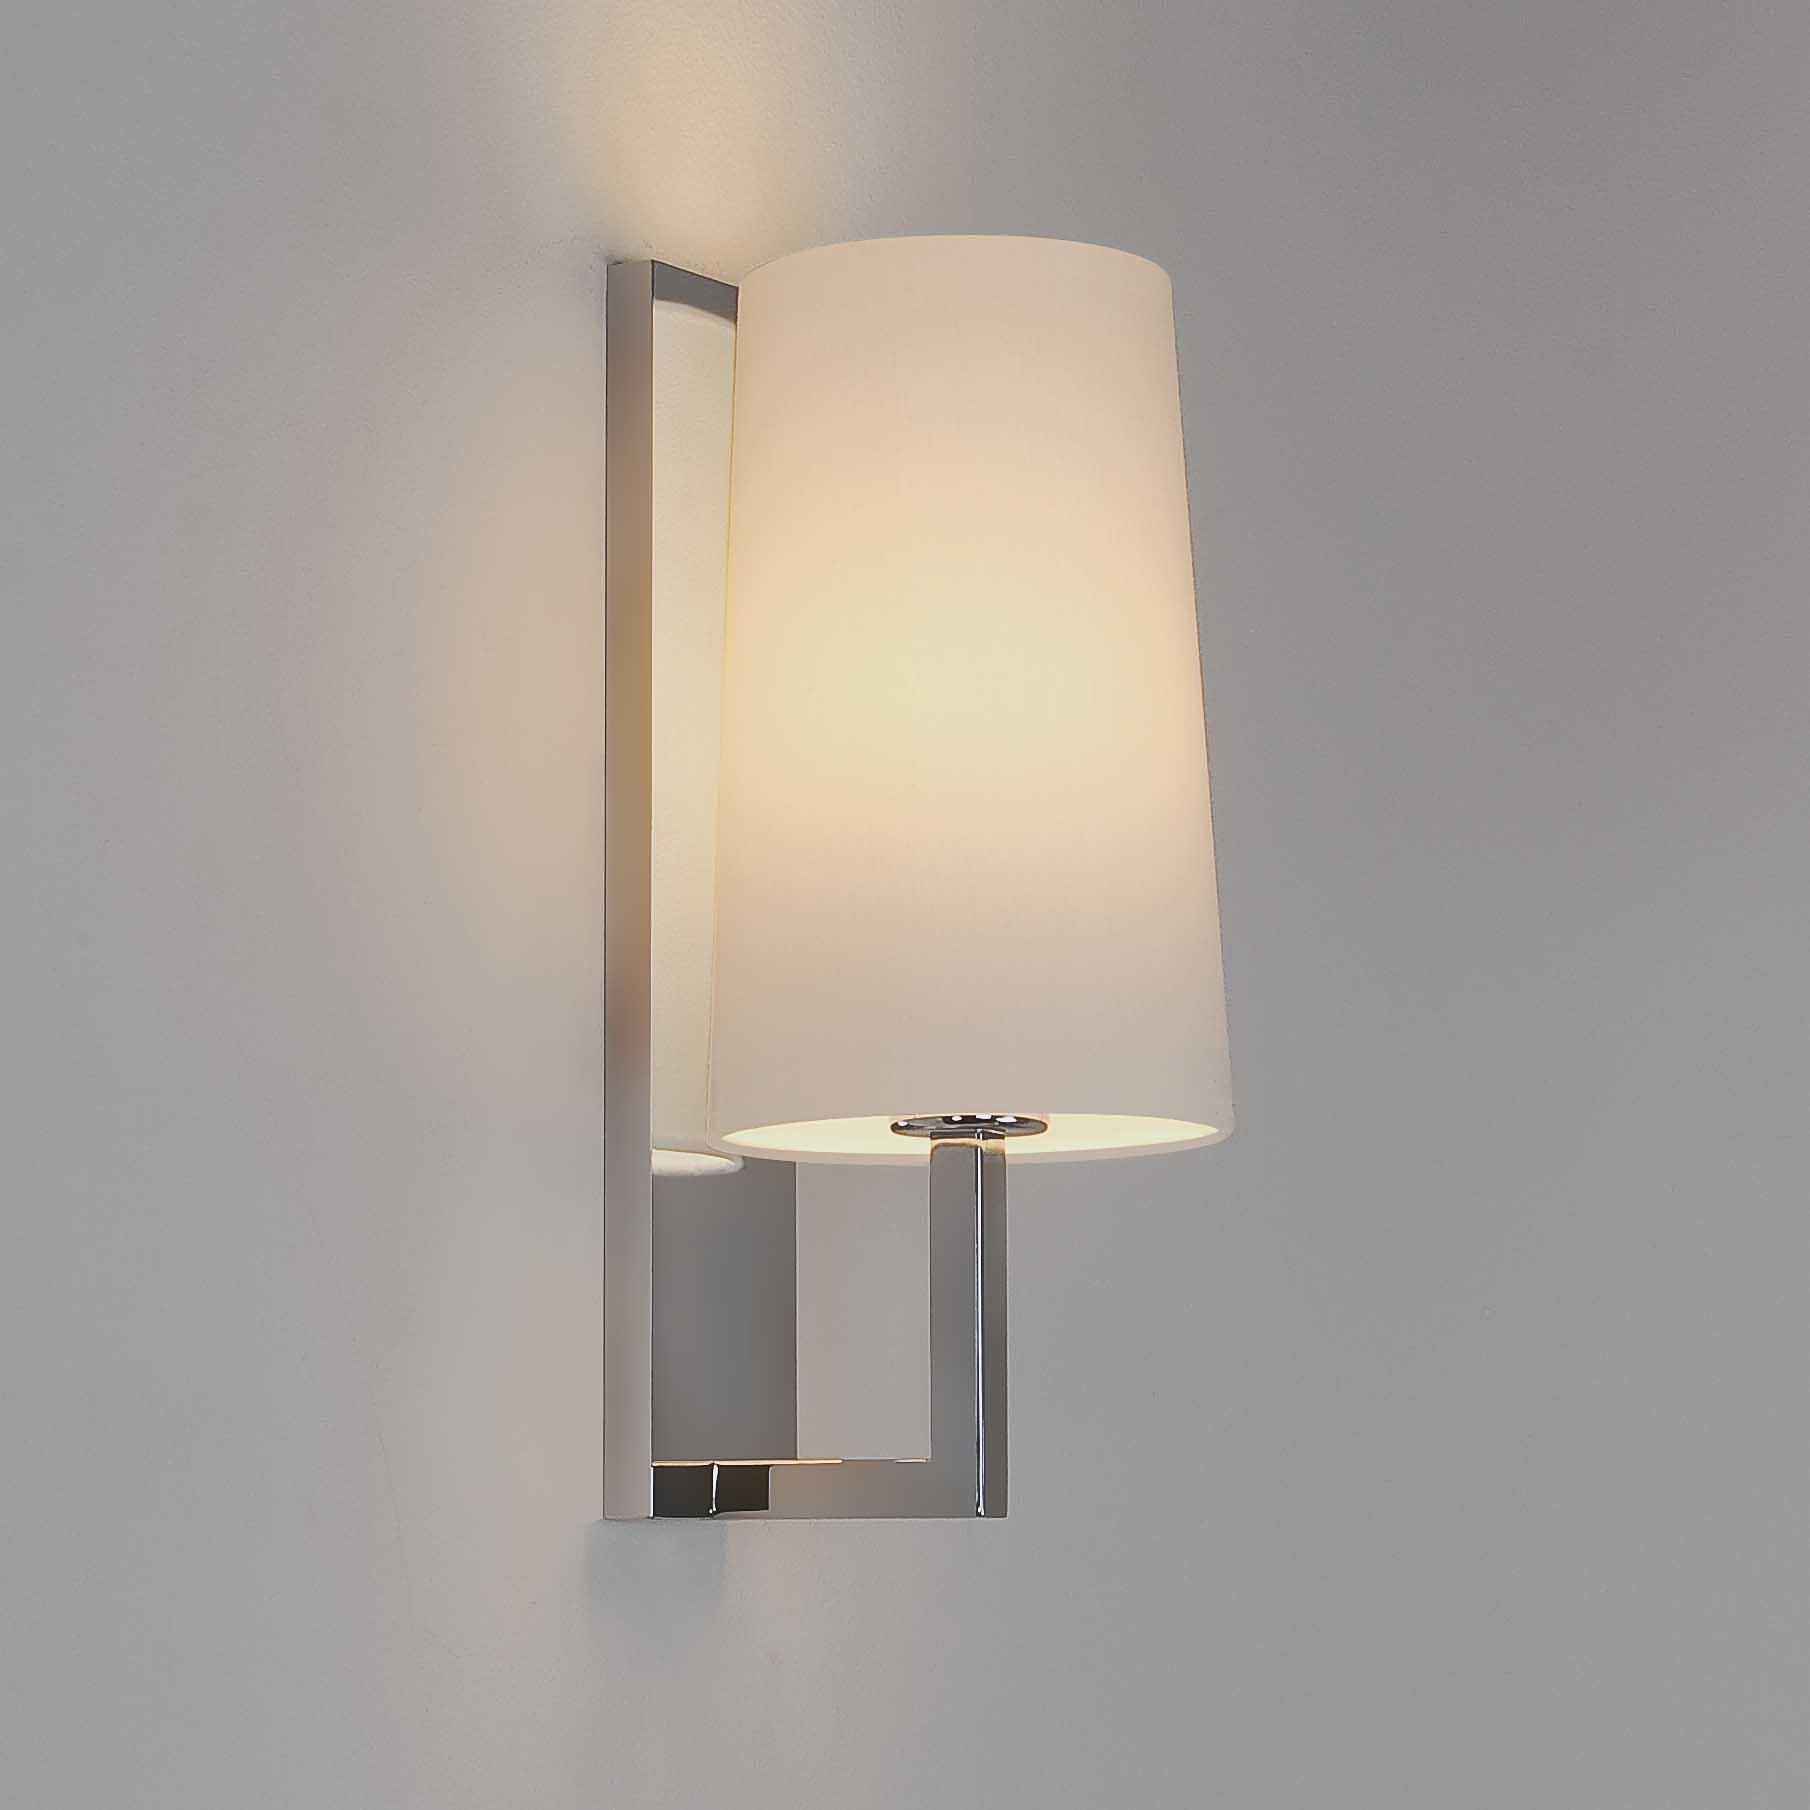 RIVA applique cromo con vetro bianco